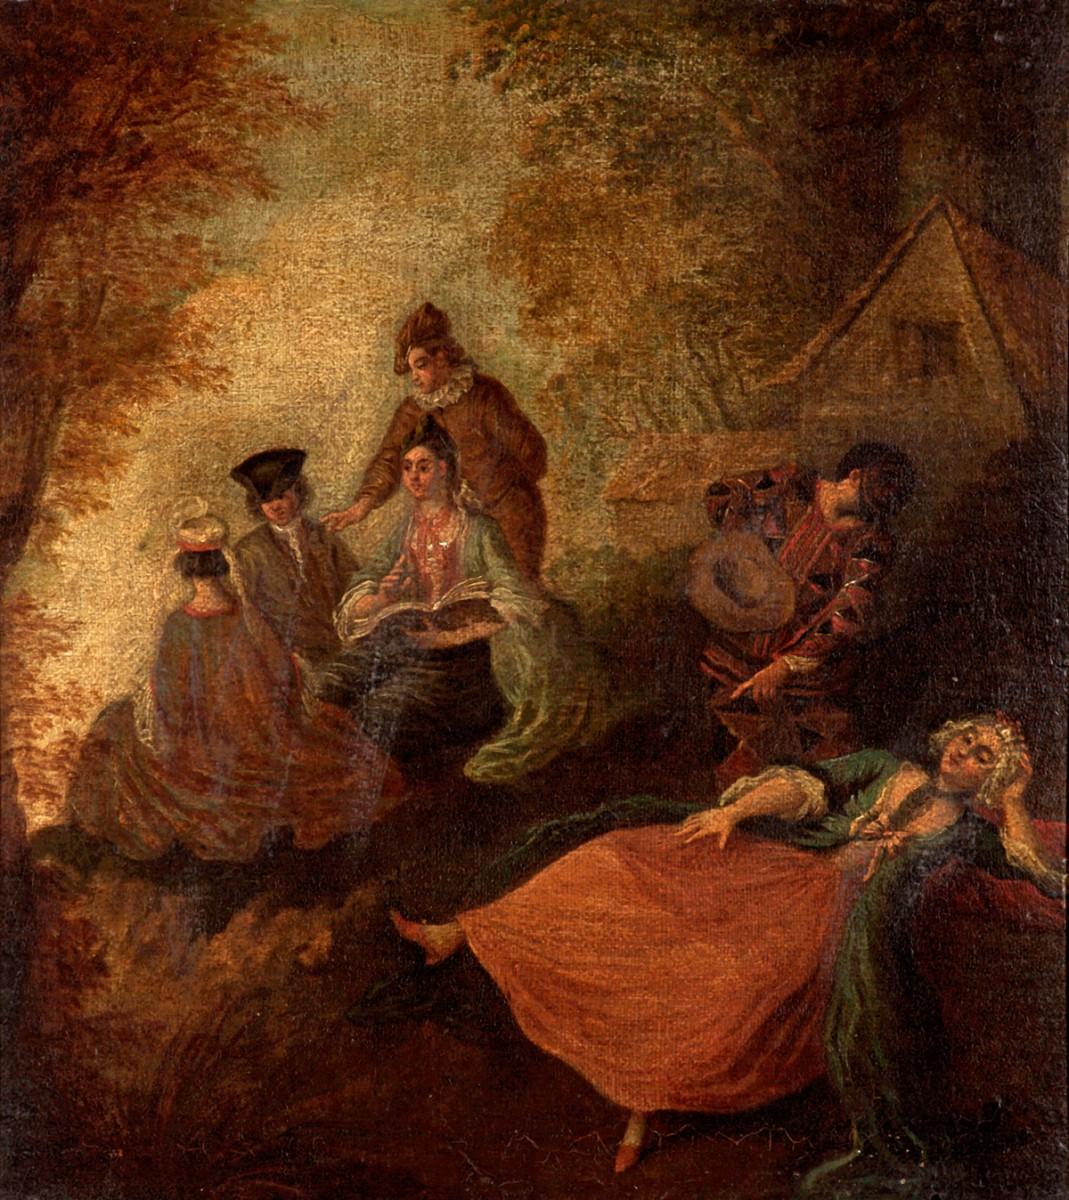 Garden Scene with Figures